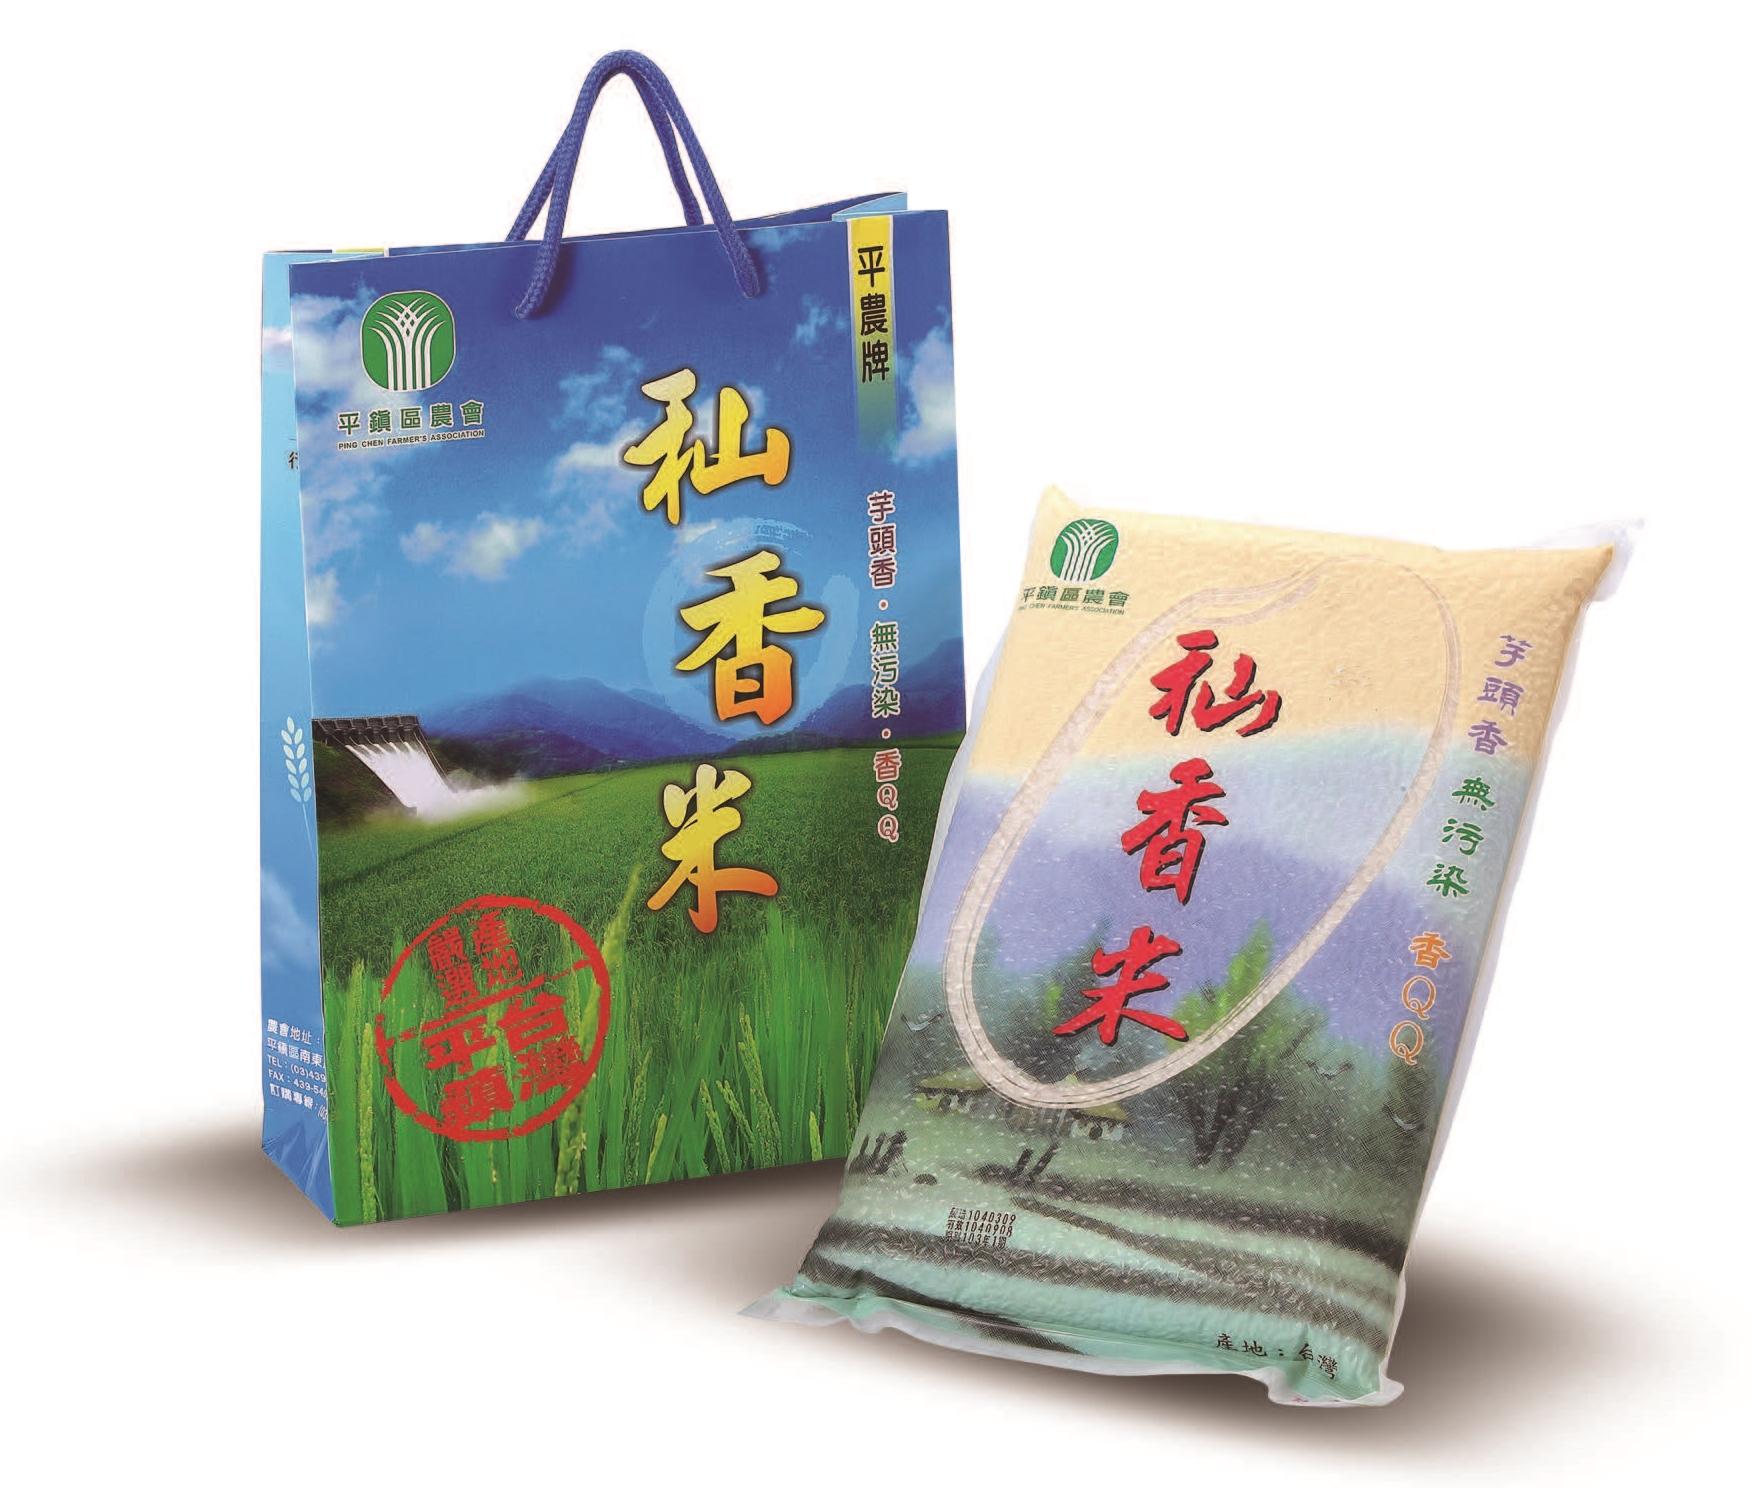 平鎮區品牌米-秈香米之照片